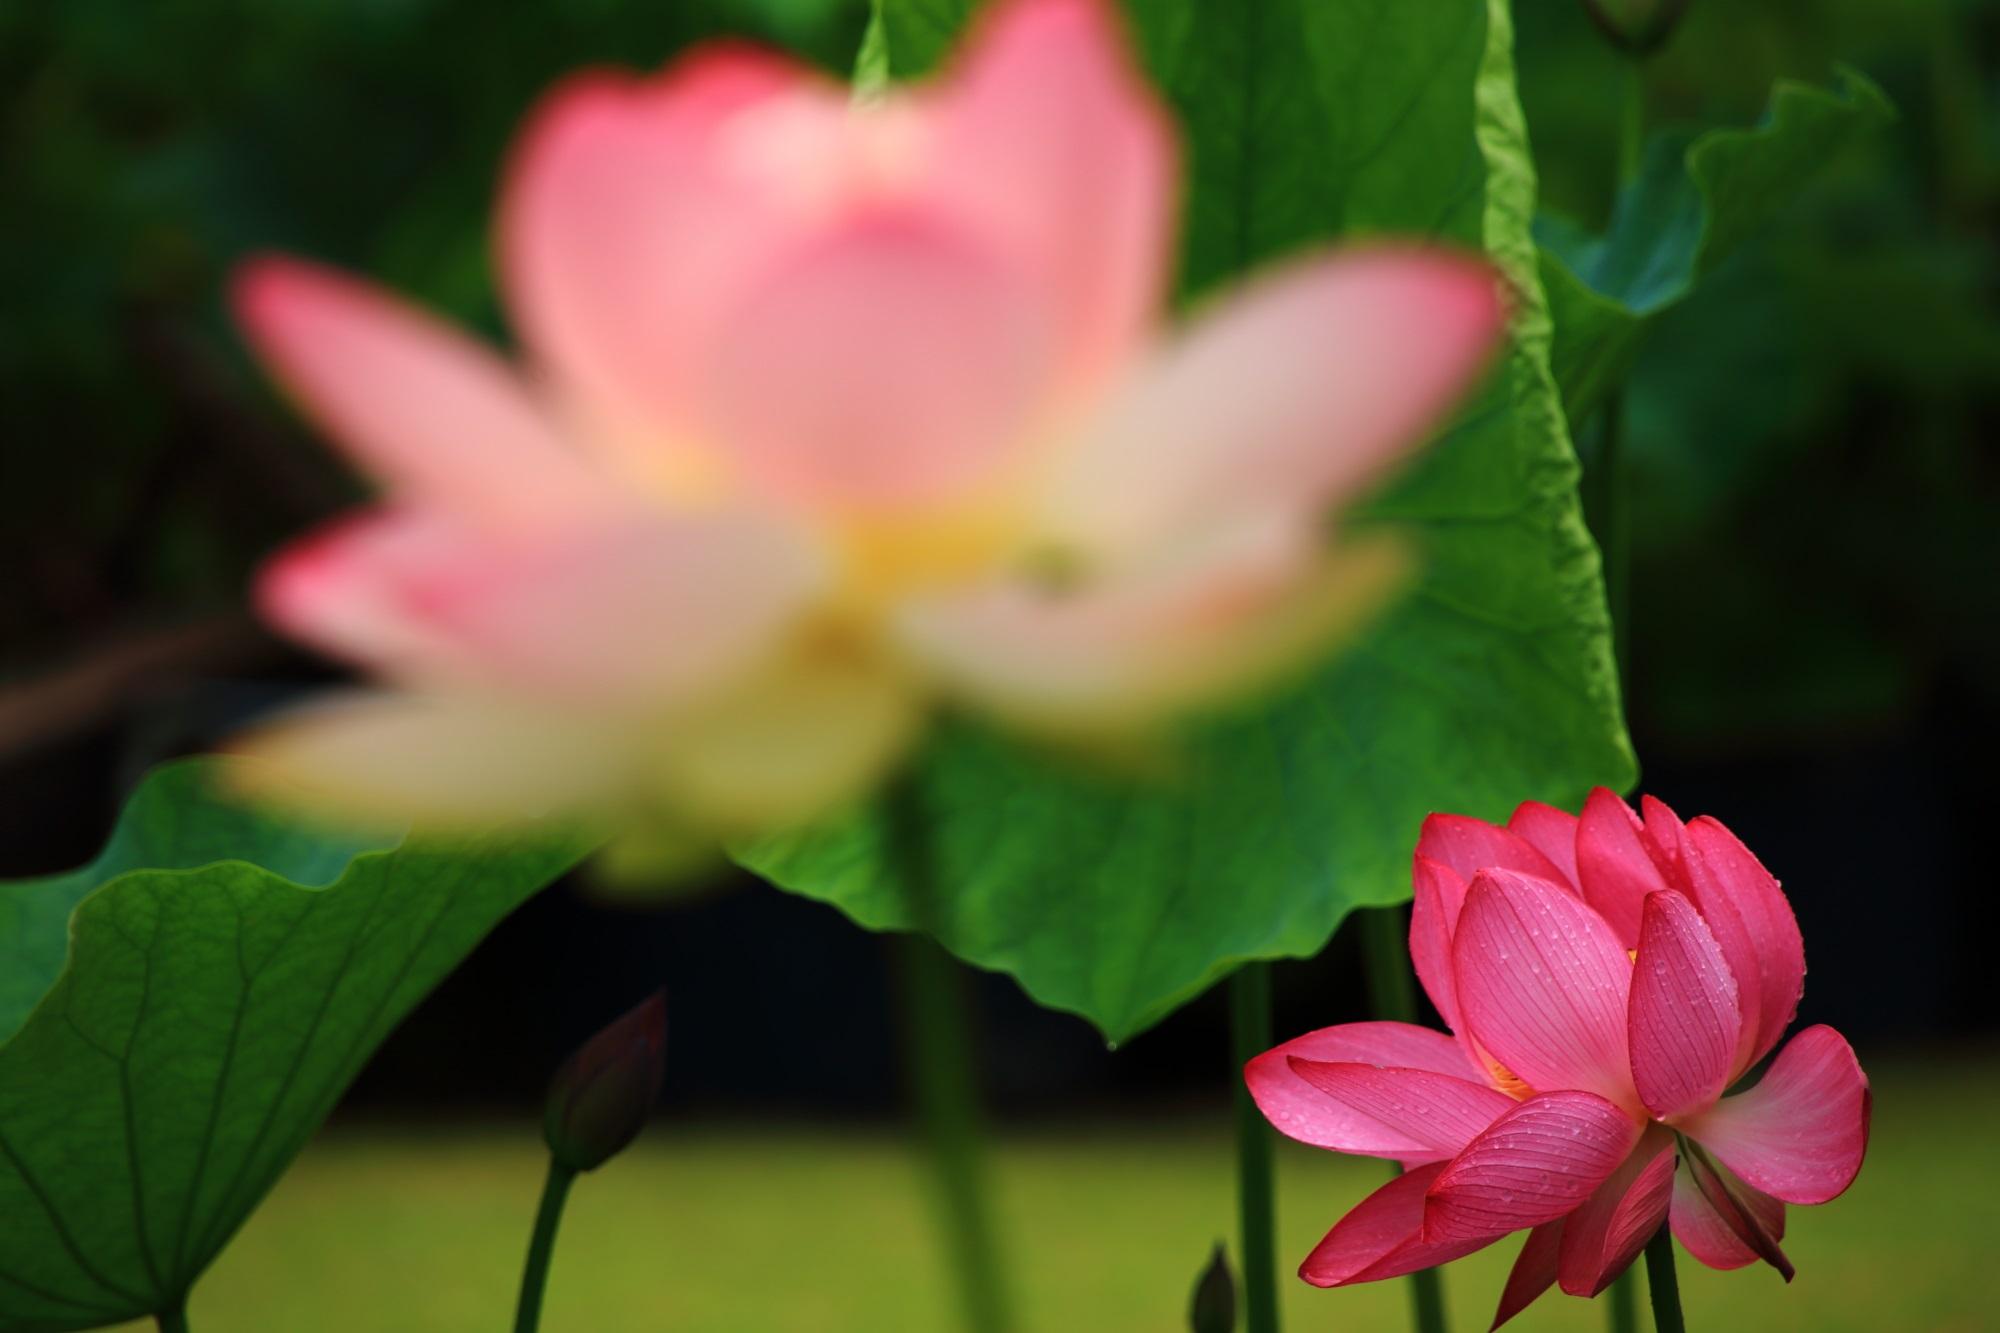 淡く華やかな花の奥で炎のように鮮やかに咲く蓮の花